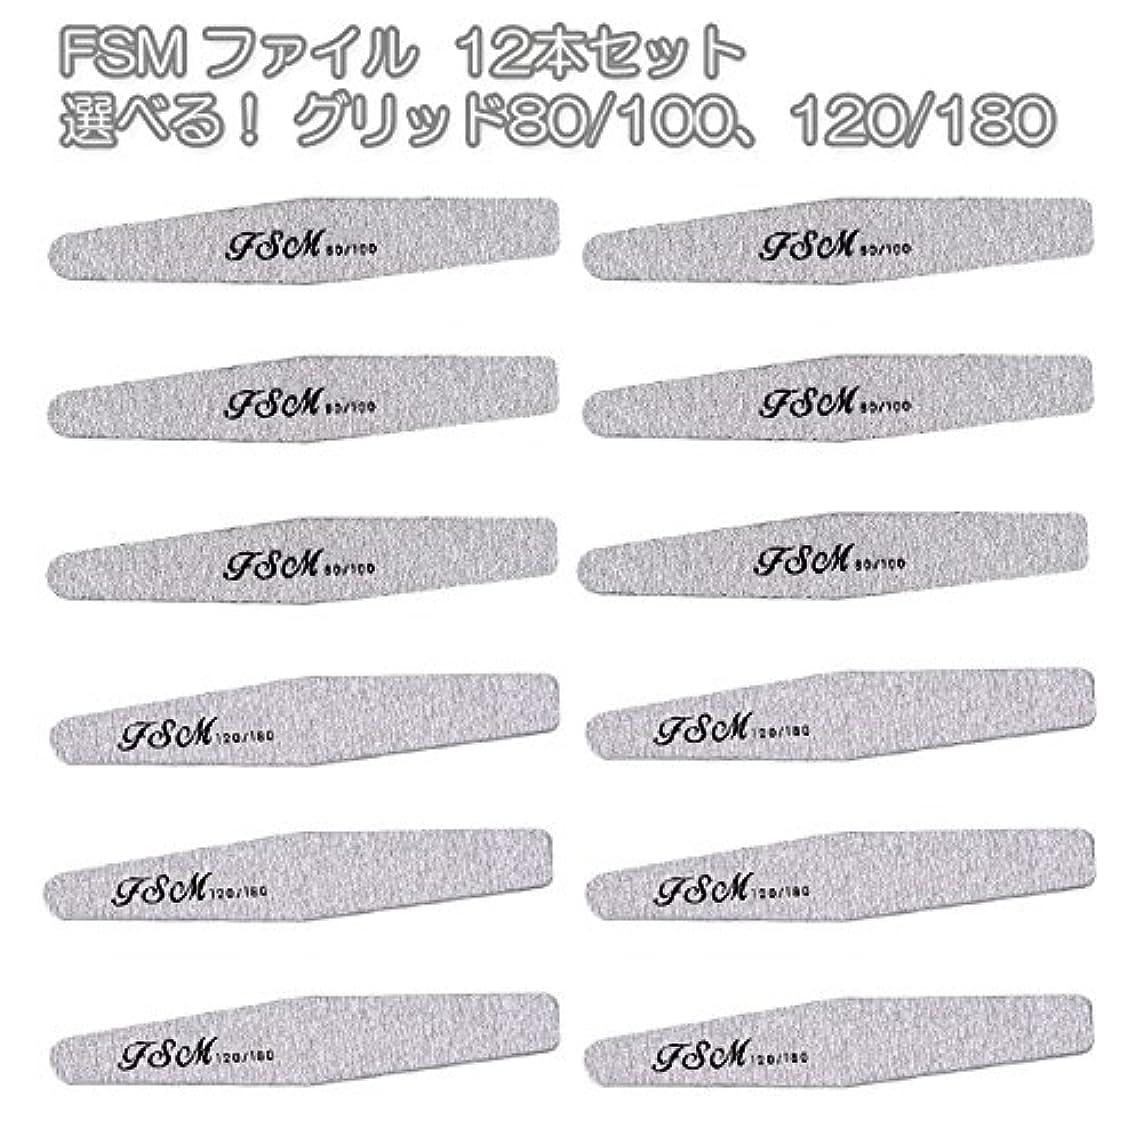 FSM ネイルファイル/バッファー12本セット(選べる!グリッド80/100、120/180) (G80/100の6本+G120/180の6本)